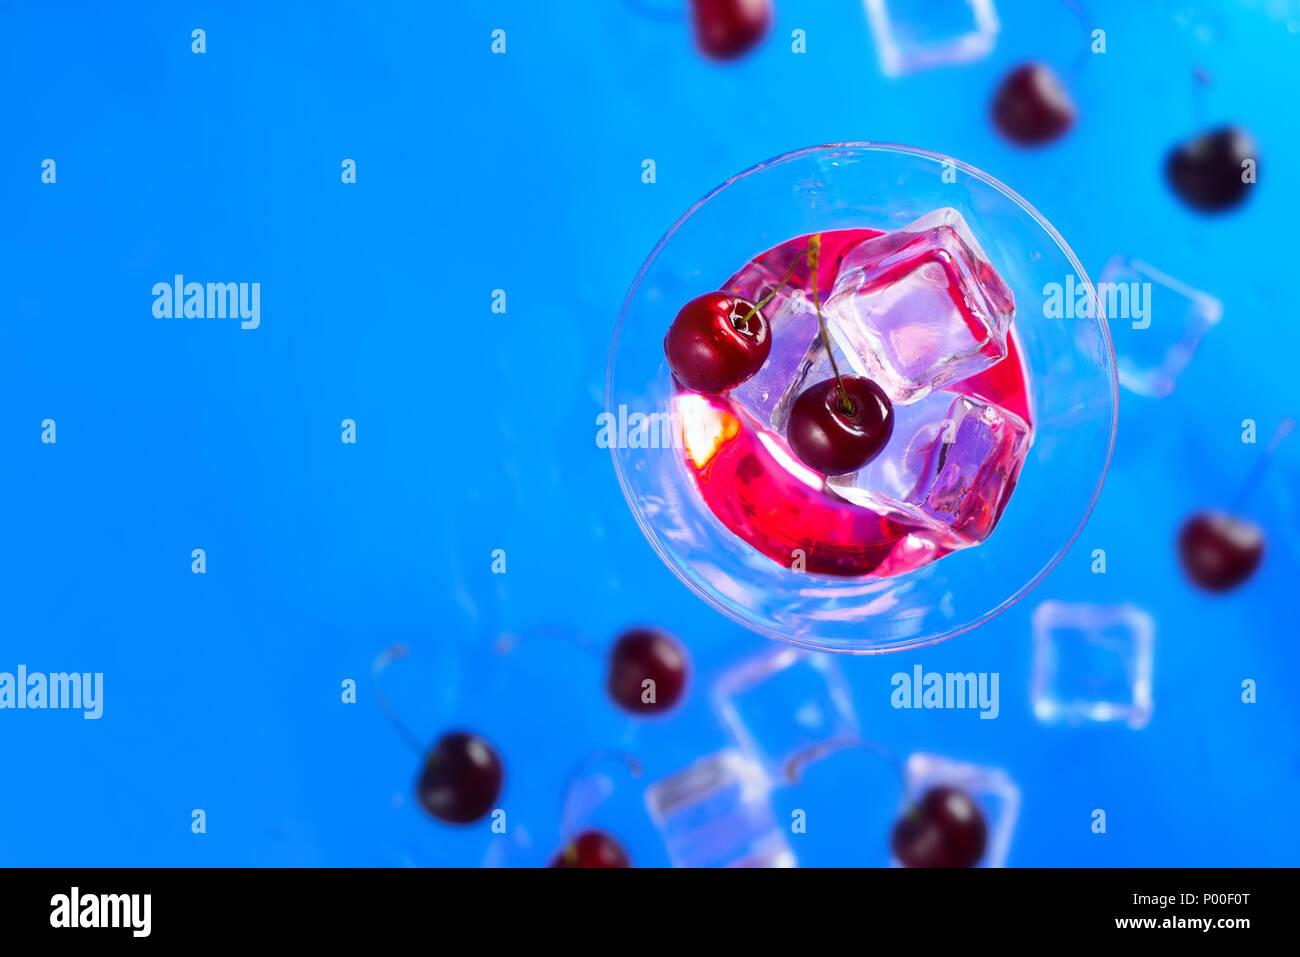 Licor de cereza de cóctel de cristal sobre un fondo azul. Refrescante bebida fría laicos plana con espacio de copia Foto de stock